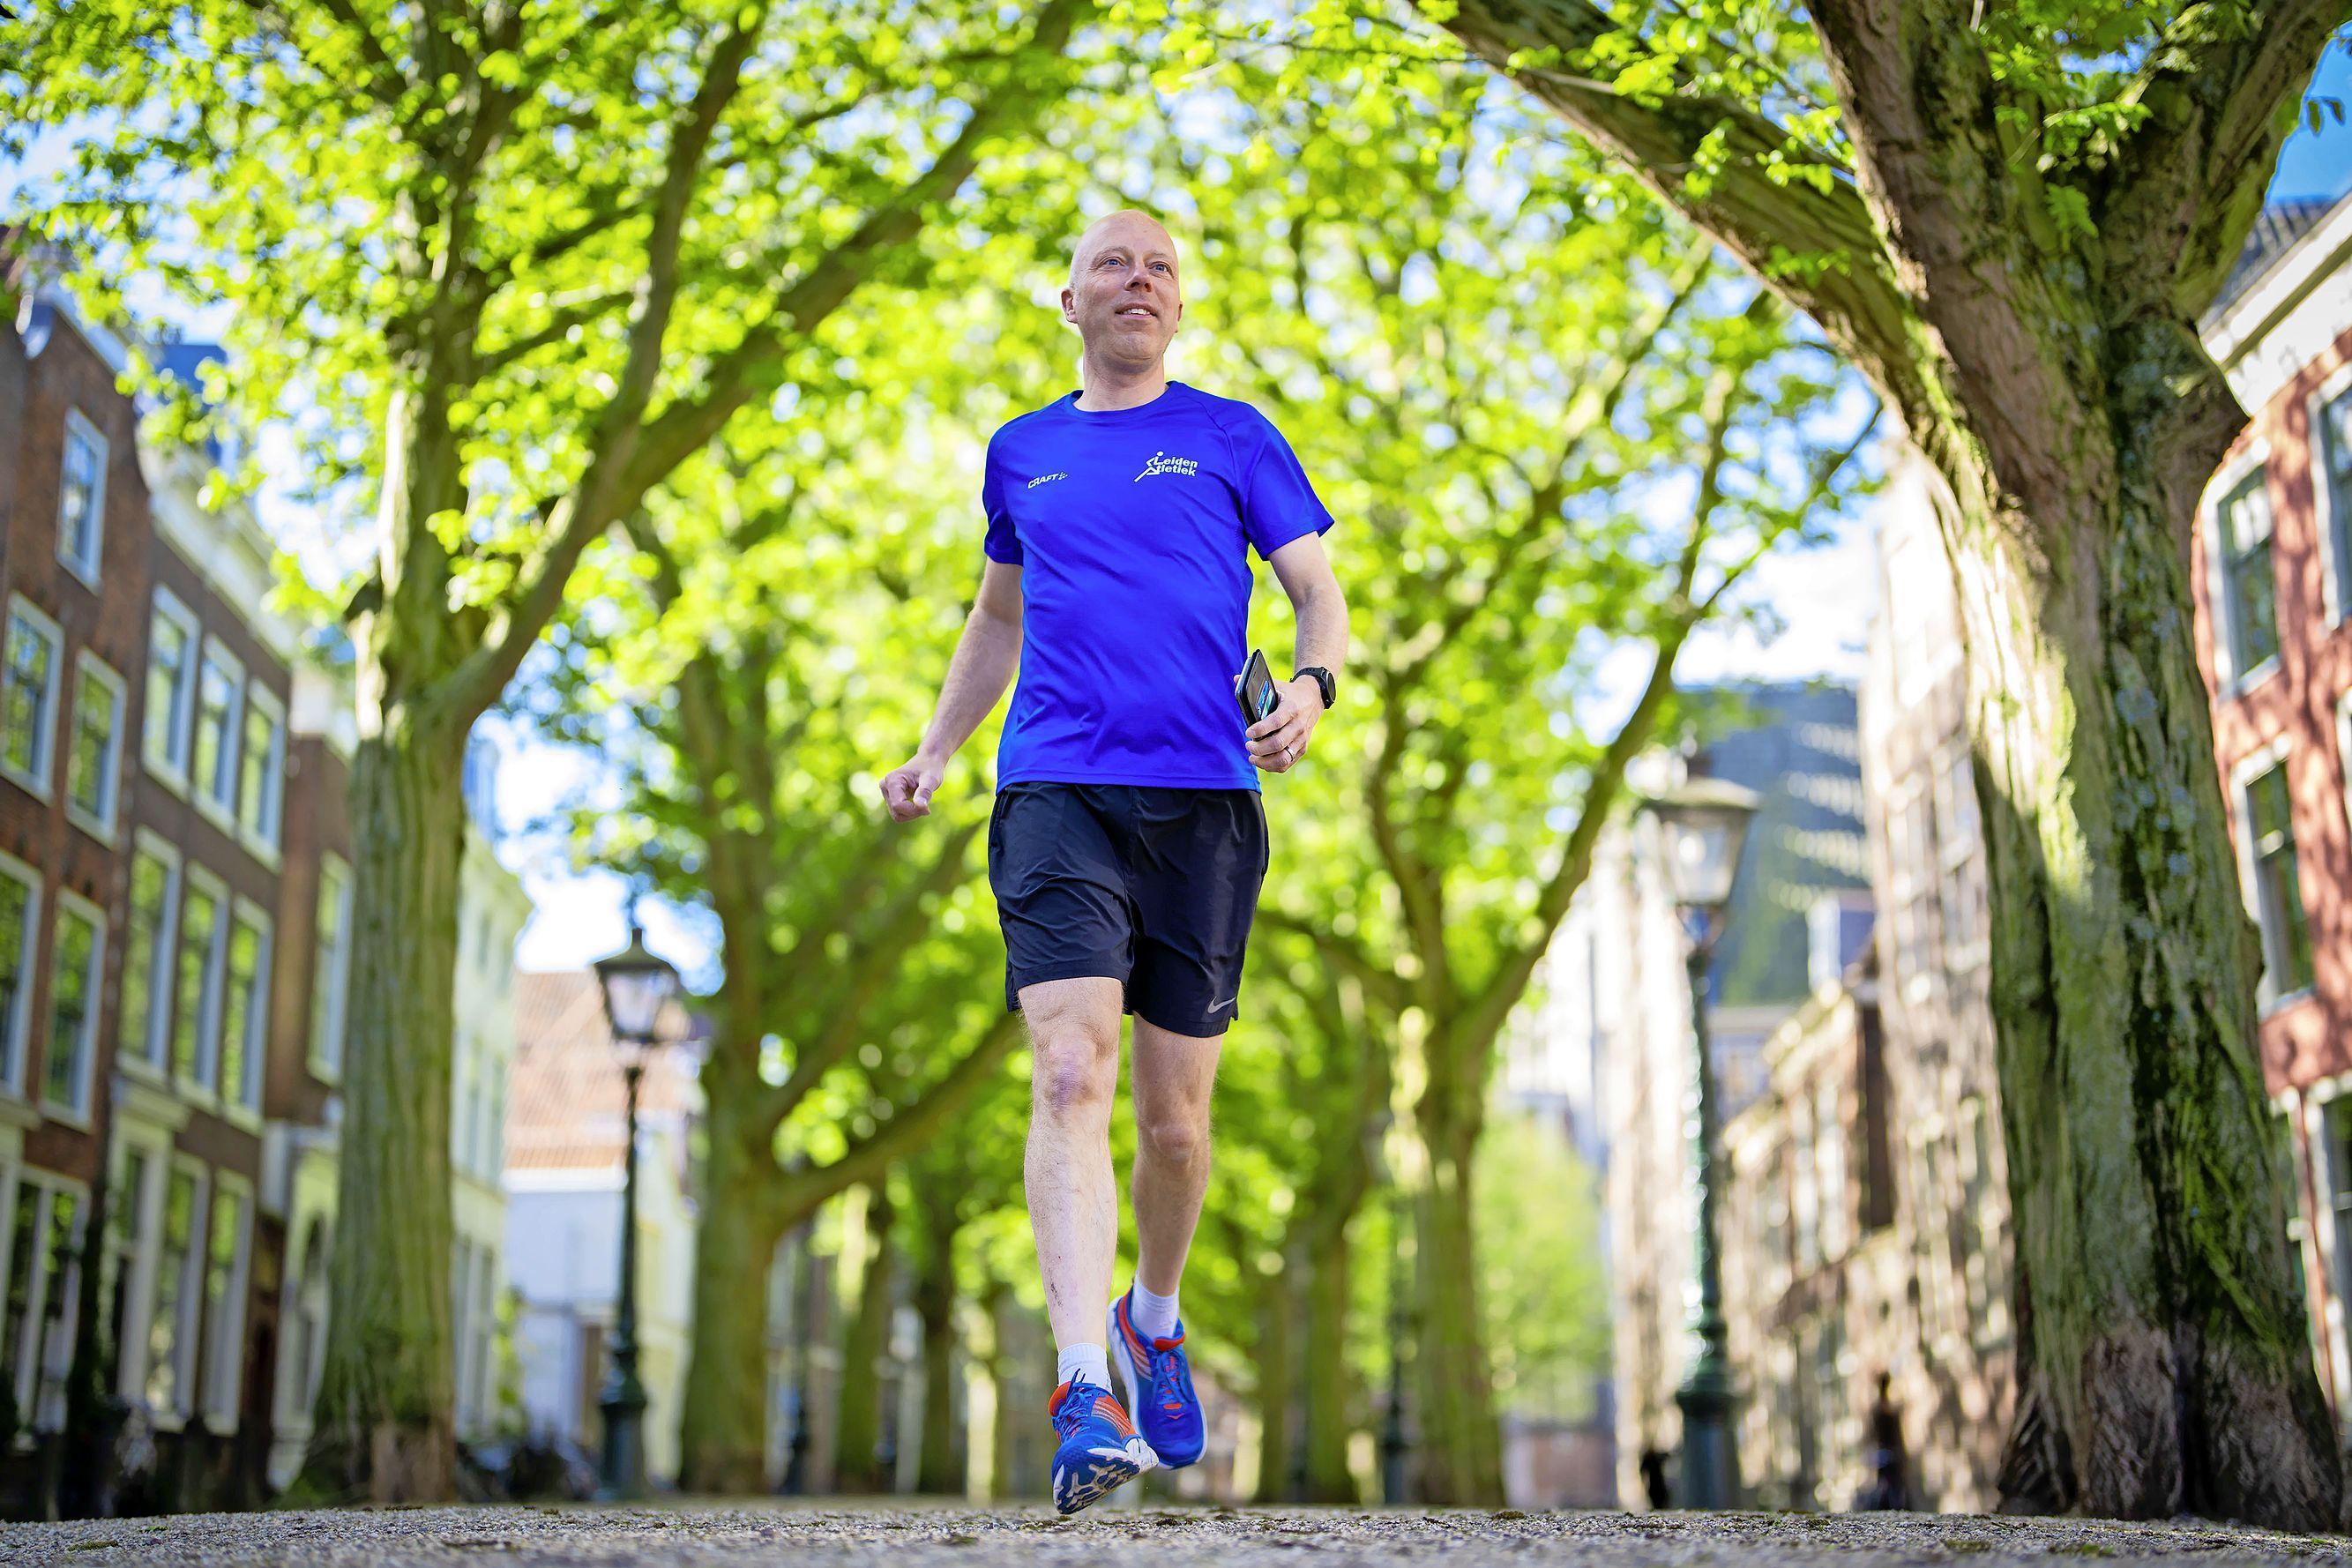 Hardloper Joris Bongers (44) loopt door alle straten van Leiden: 'Sommige Leidenaars vinden het gek dat ik zelfs de doodlopende straatjes in ren'